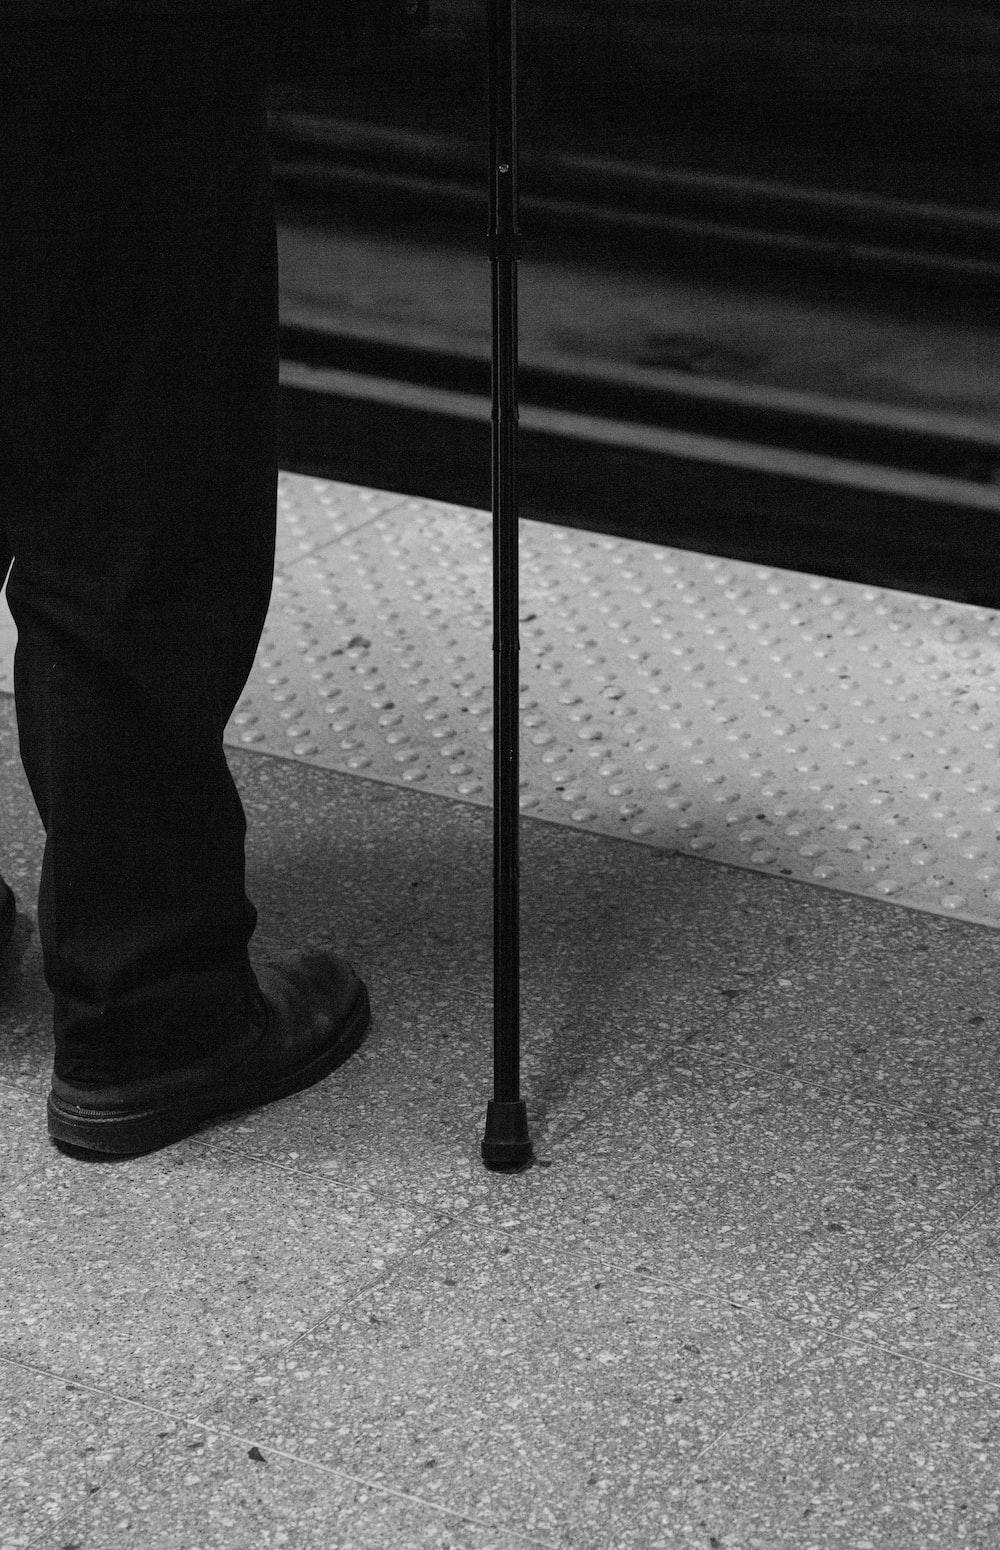 black metal cane